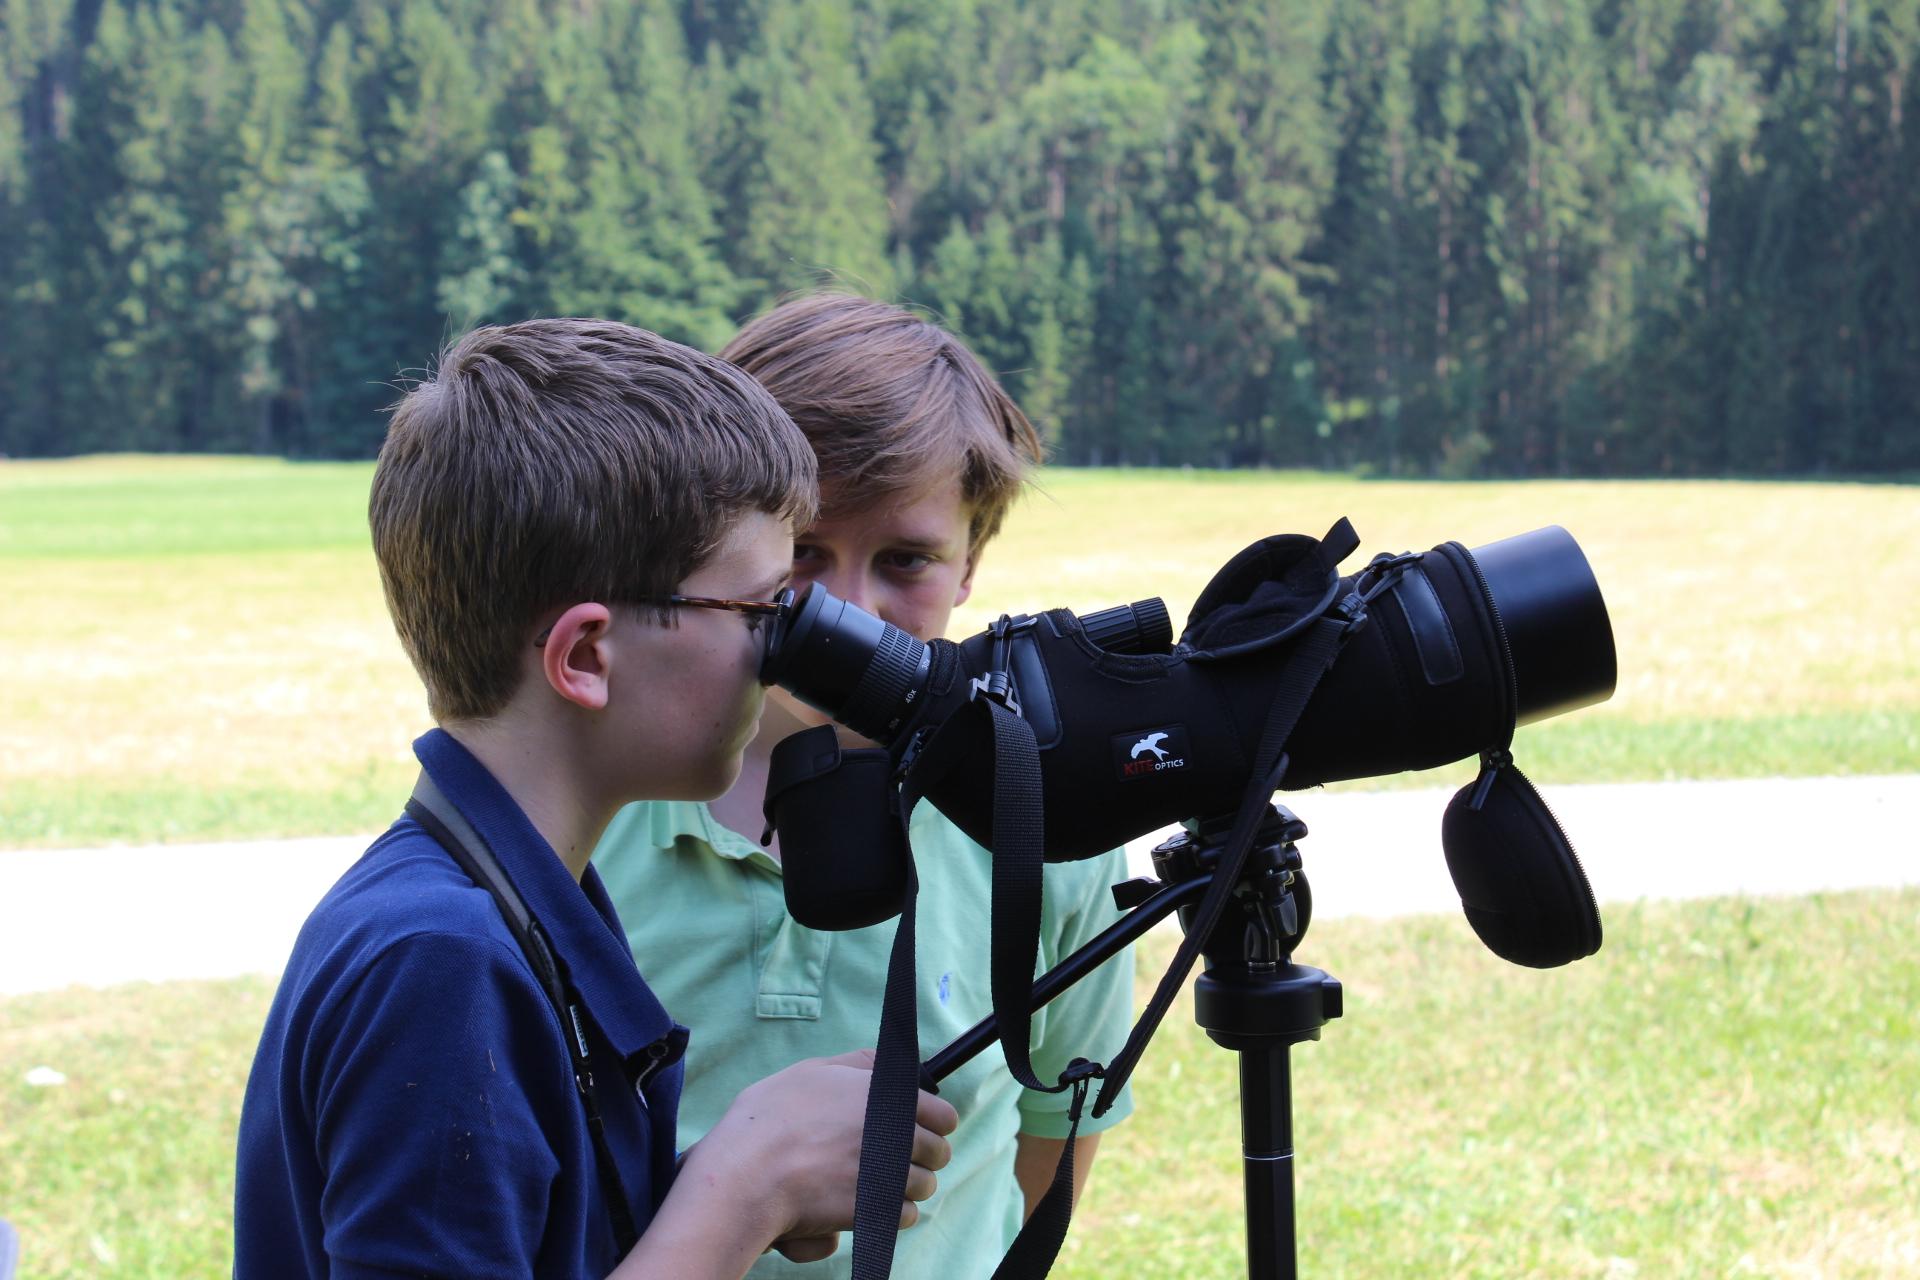 Vogelbeobachtung Foto: L. Tschernek